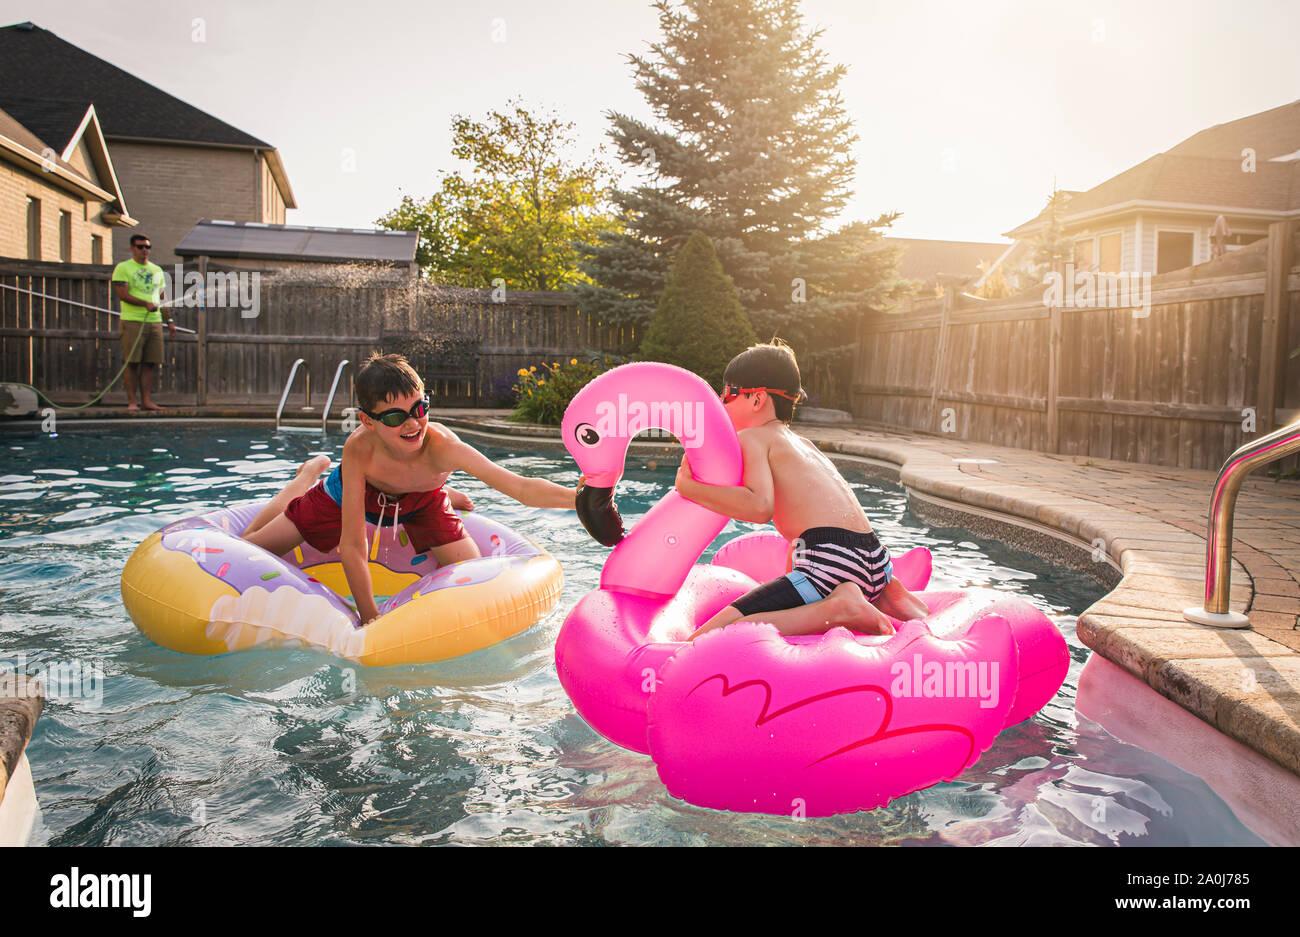 Dos muchachos jugando en una pileta de natación en piscinas inflables juguetes. Foto de stock